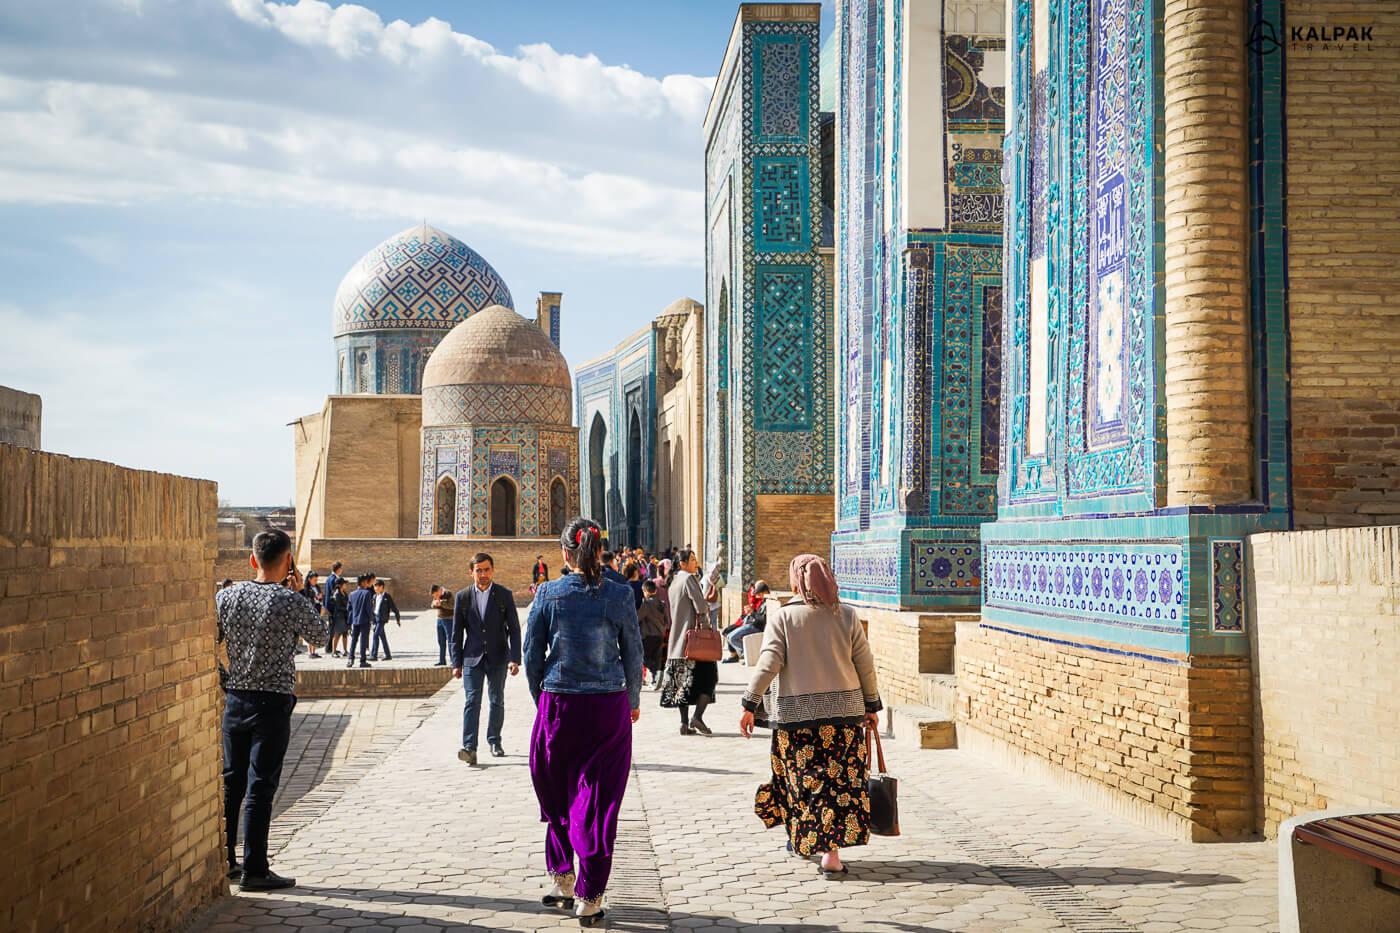 Shahi Zinda necropolis in Samarkand